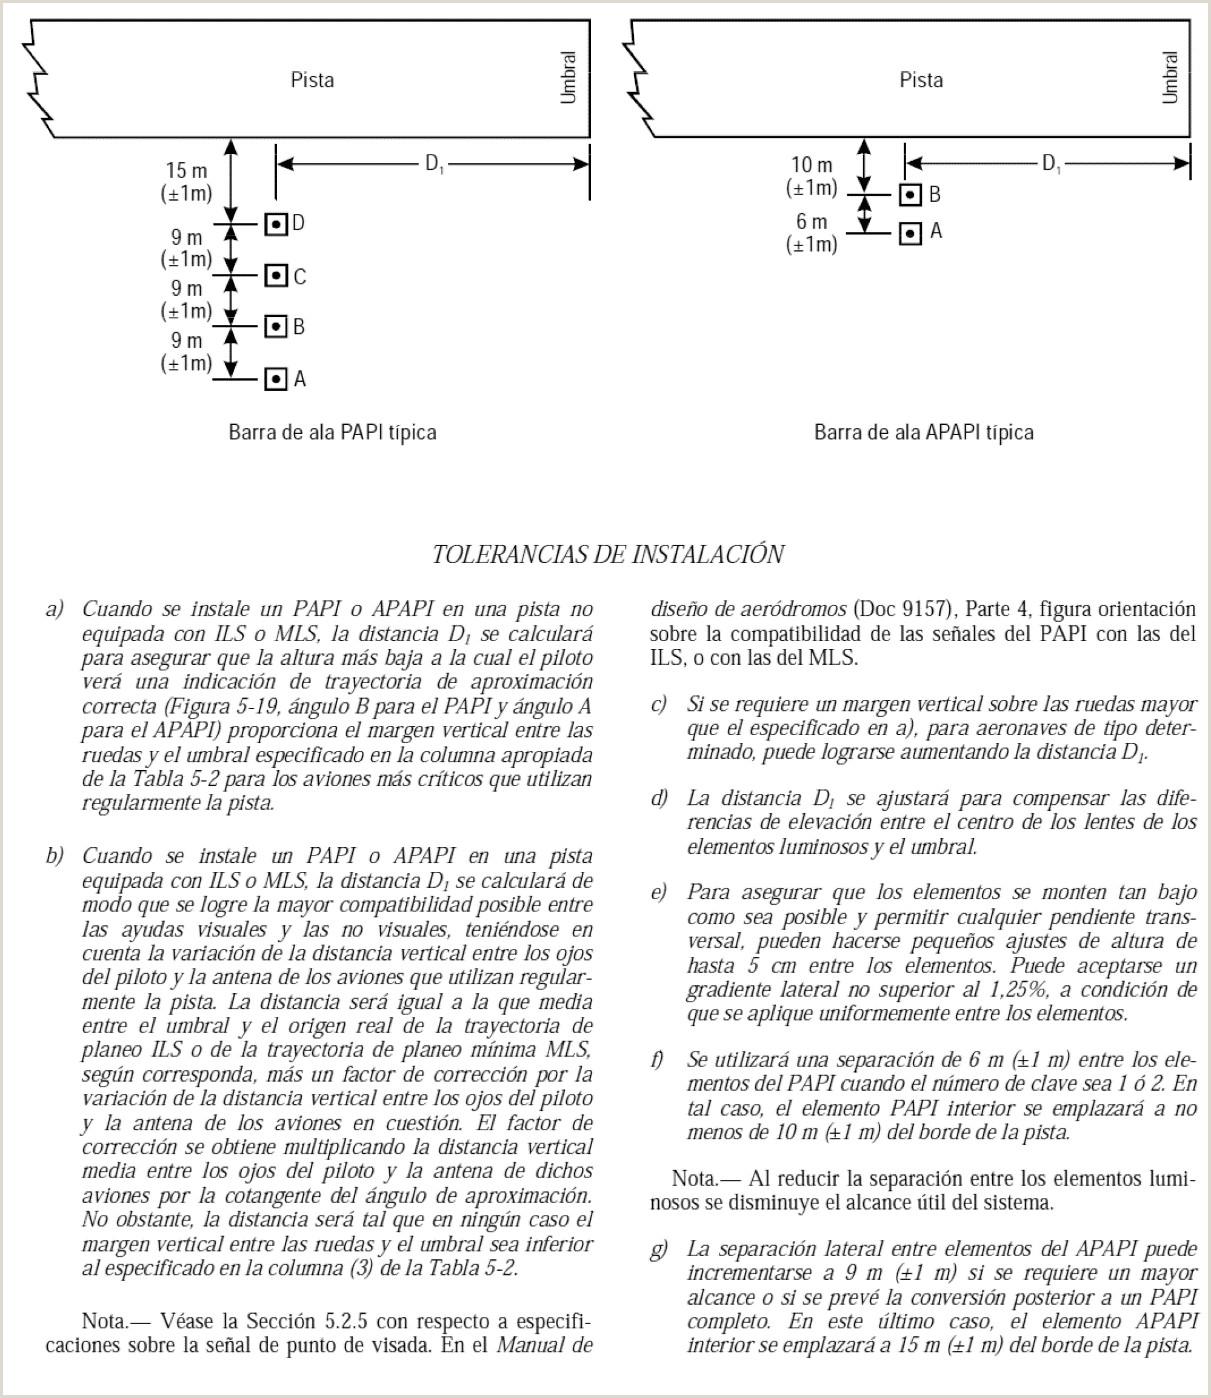 Formato De Hoja De Vida Funcion Publica Word Boe Documento Consolidado Boe A 2009 9043